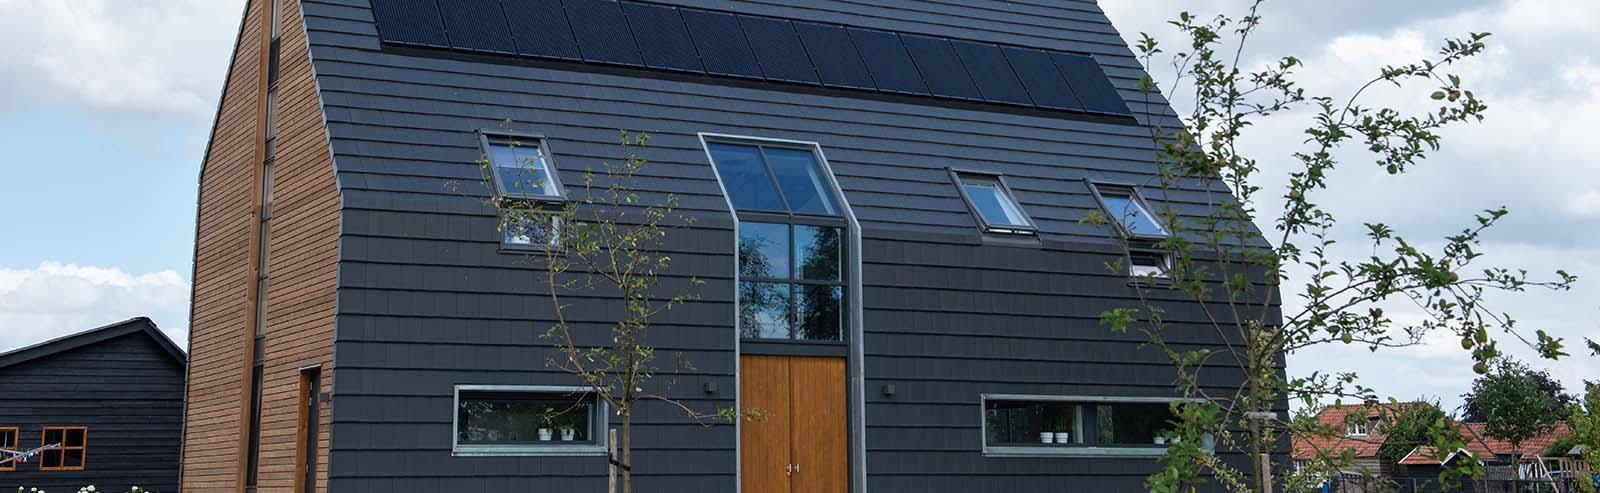 duurzaam-bouwen-bouwbedrijf-reurink-5